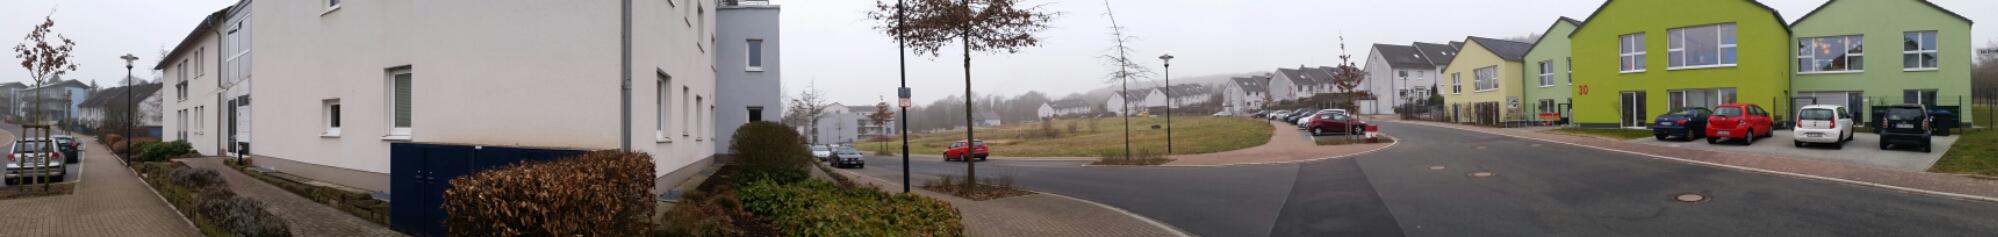 Panoramaaufnahme Kindergarten Schwelm (Neubau der evangelischen Gemeinde)